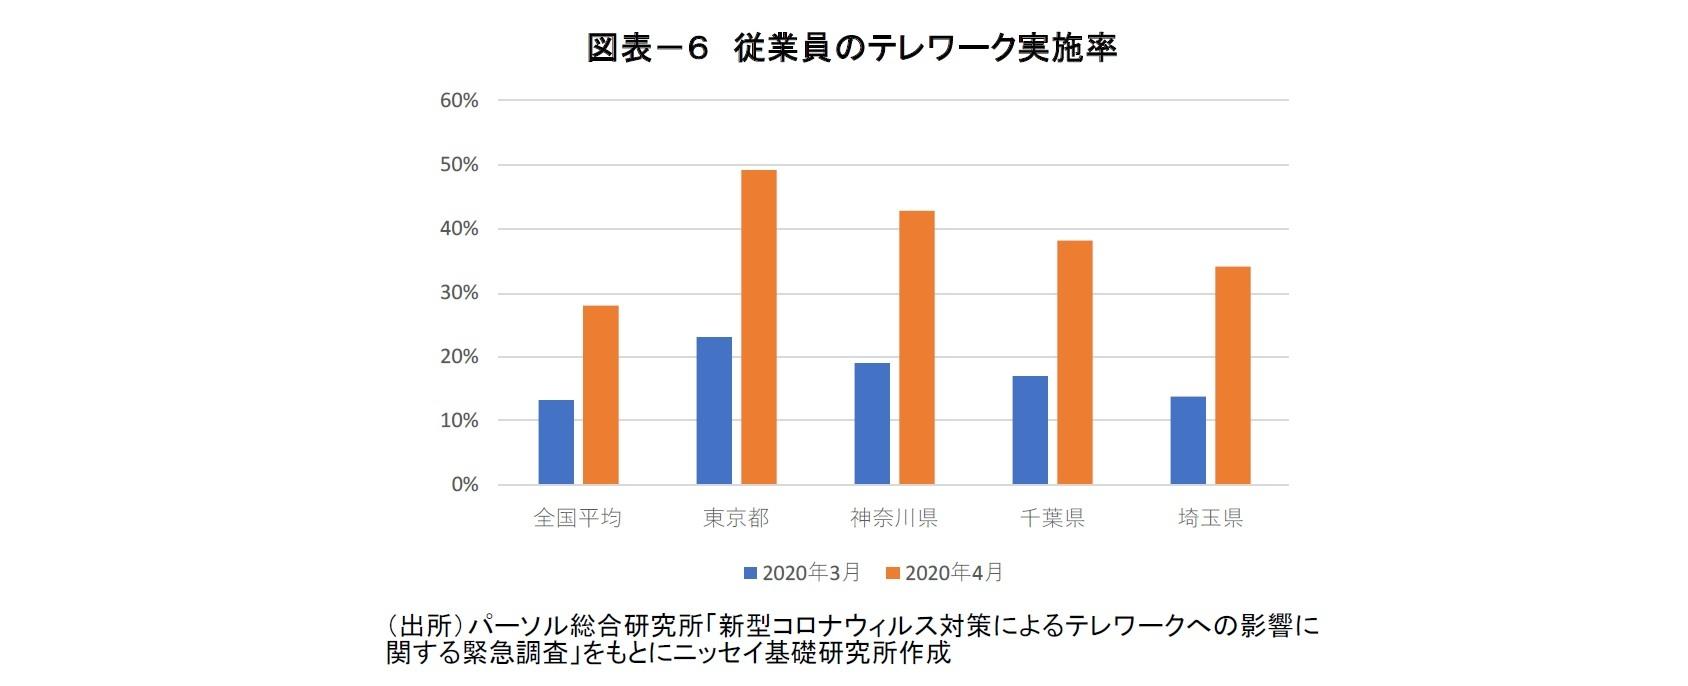 図表-6 従業員のテレワーク実施率